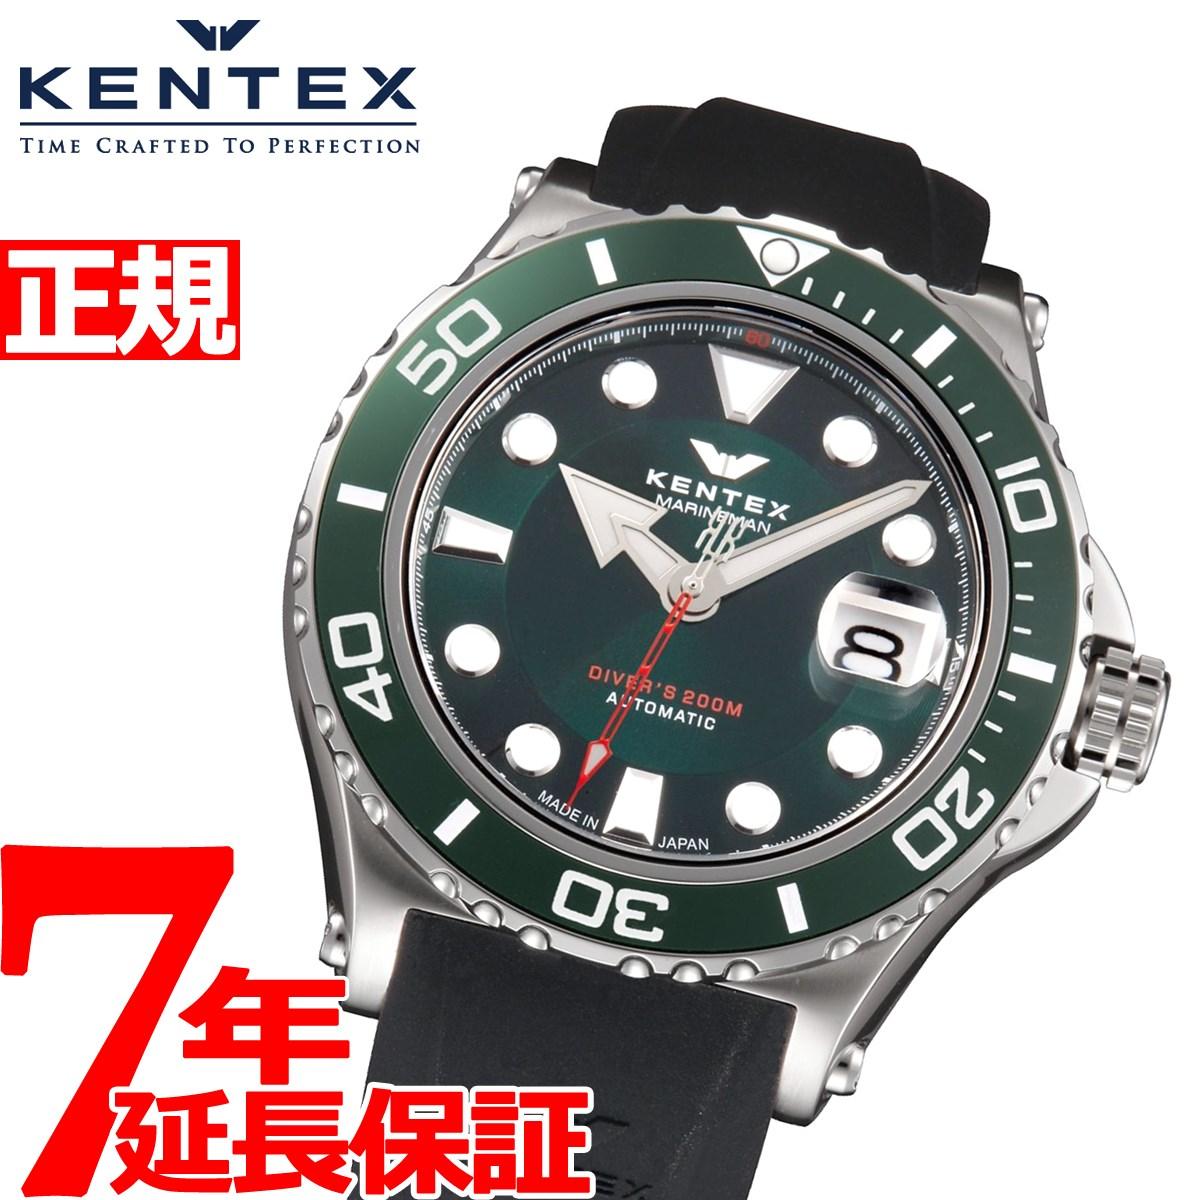 【5日0時~♪2000円OFFクーポン&店内ポイント最大51倍!5日23時59分まで】ケンテックス KENTEX メンズ 腕時計 ダイバーズ 自動巻き マリンマン シーホースII S706M-19